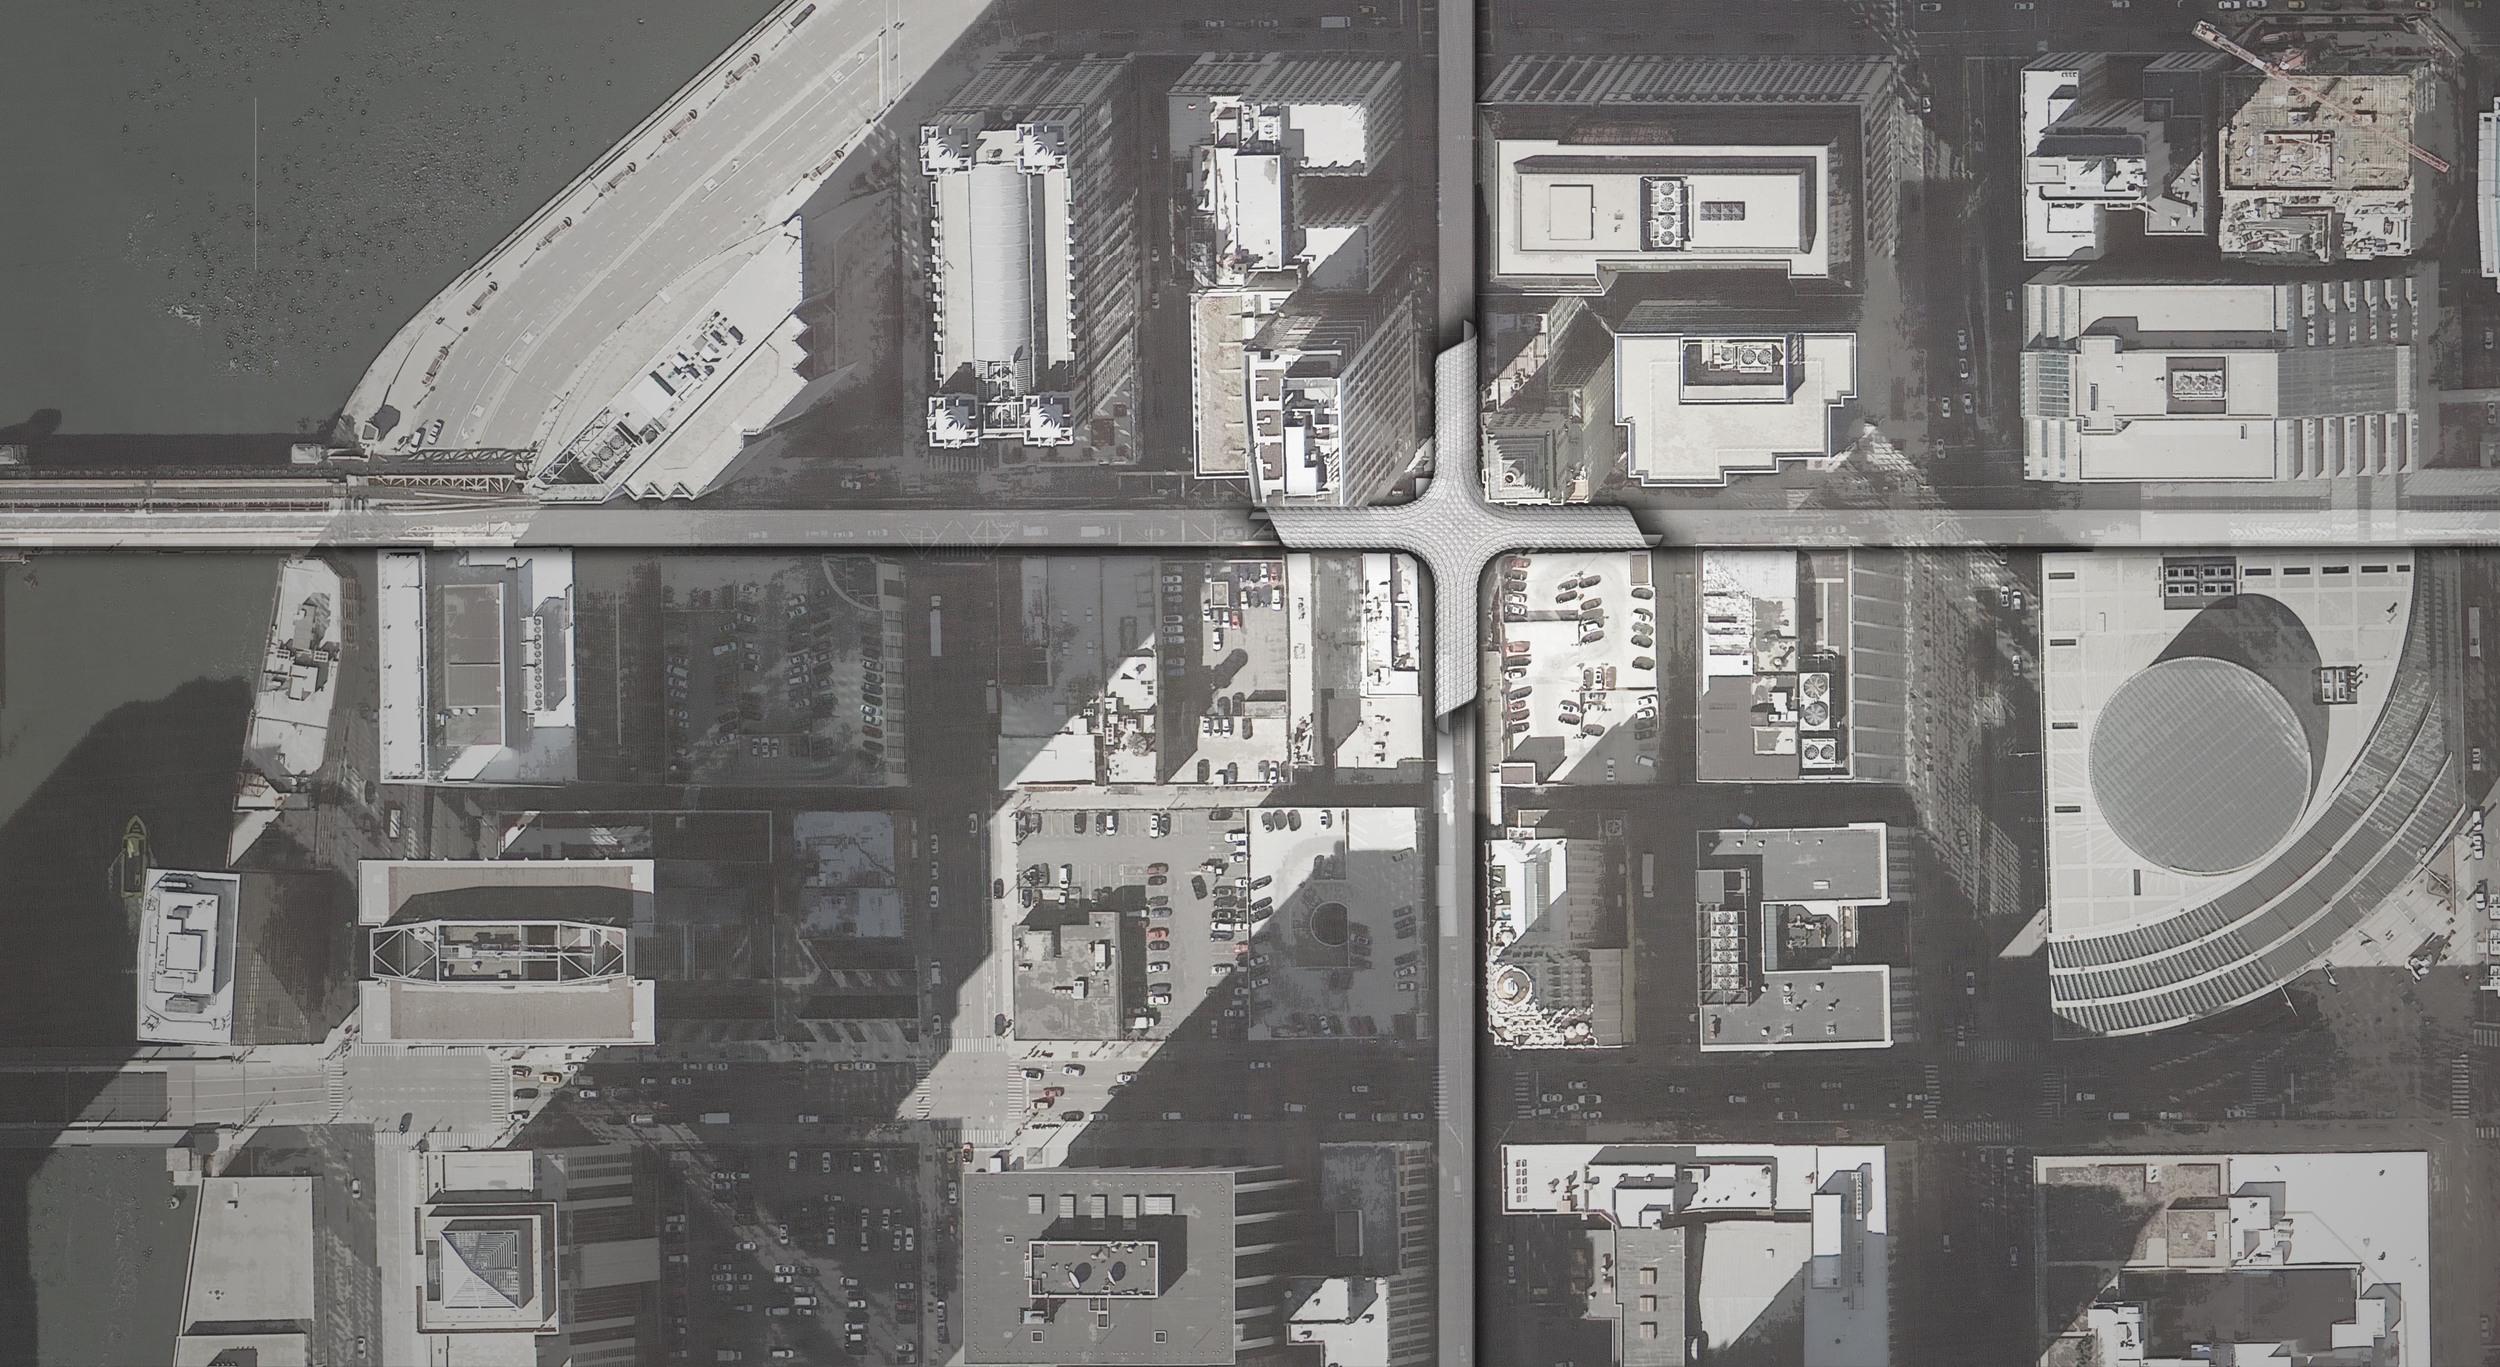 13_07.09 - enlarged-aerial-05.jpg